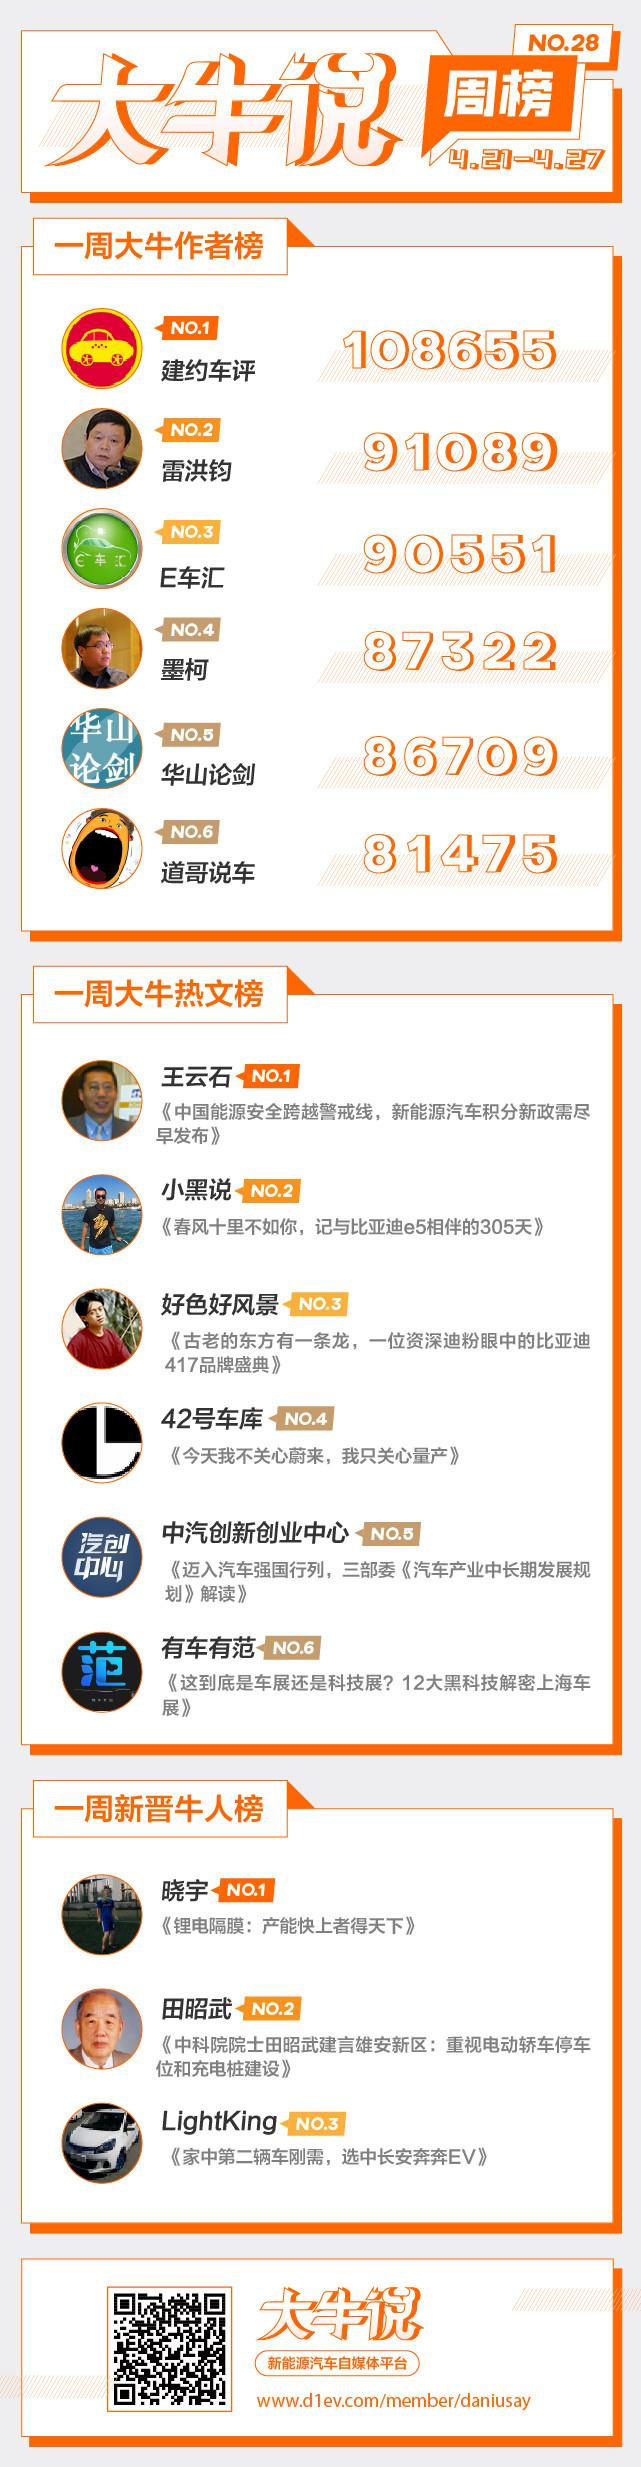 第一电动网大牛说4月21日-27日一周榜单揭晓,期待你加入